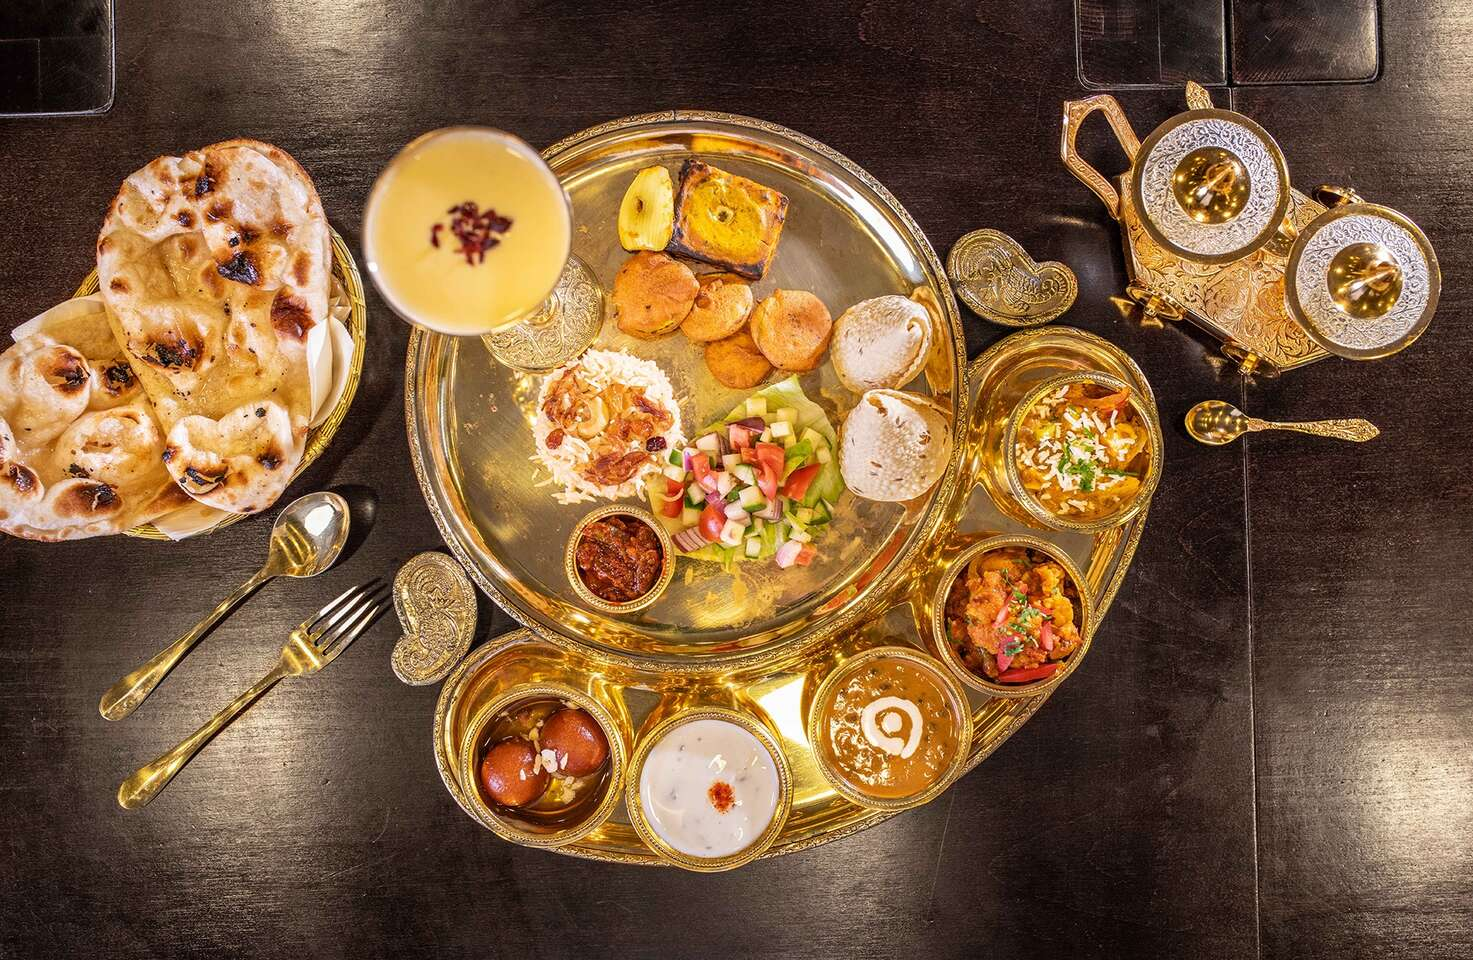 Degustačné Thali menu pre 2 osoby v indickej reštaurácií The Curry - 12 rôznych druhov jedla na zlatom podnose